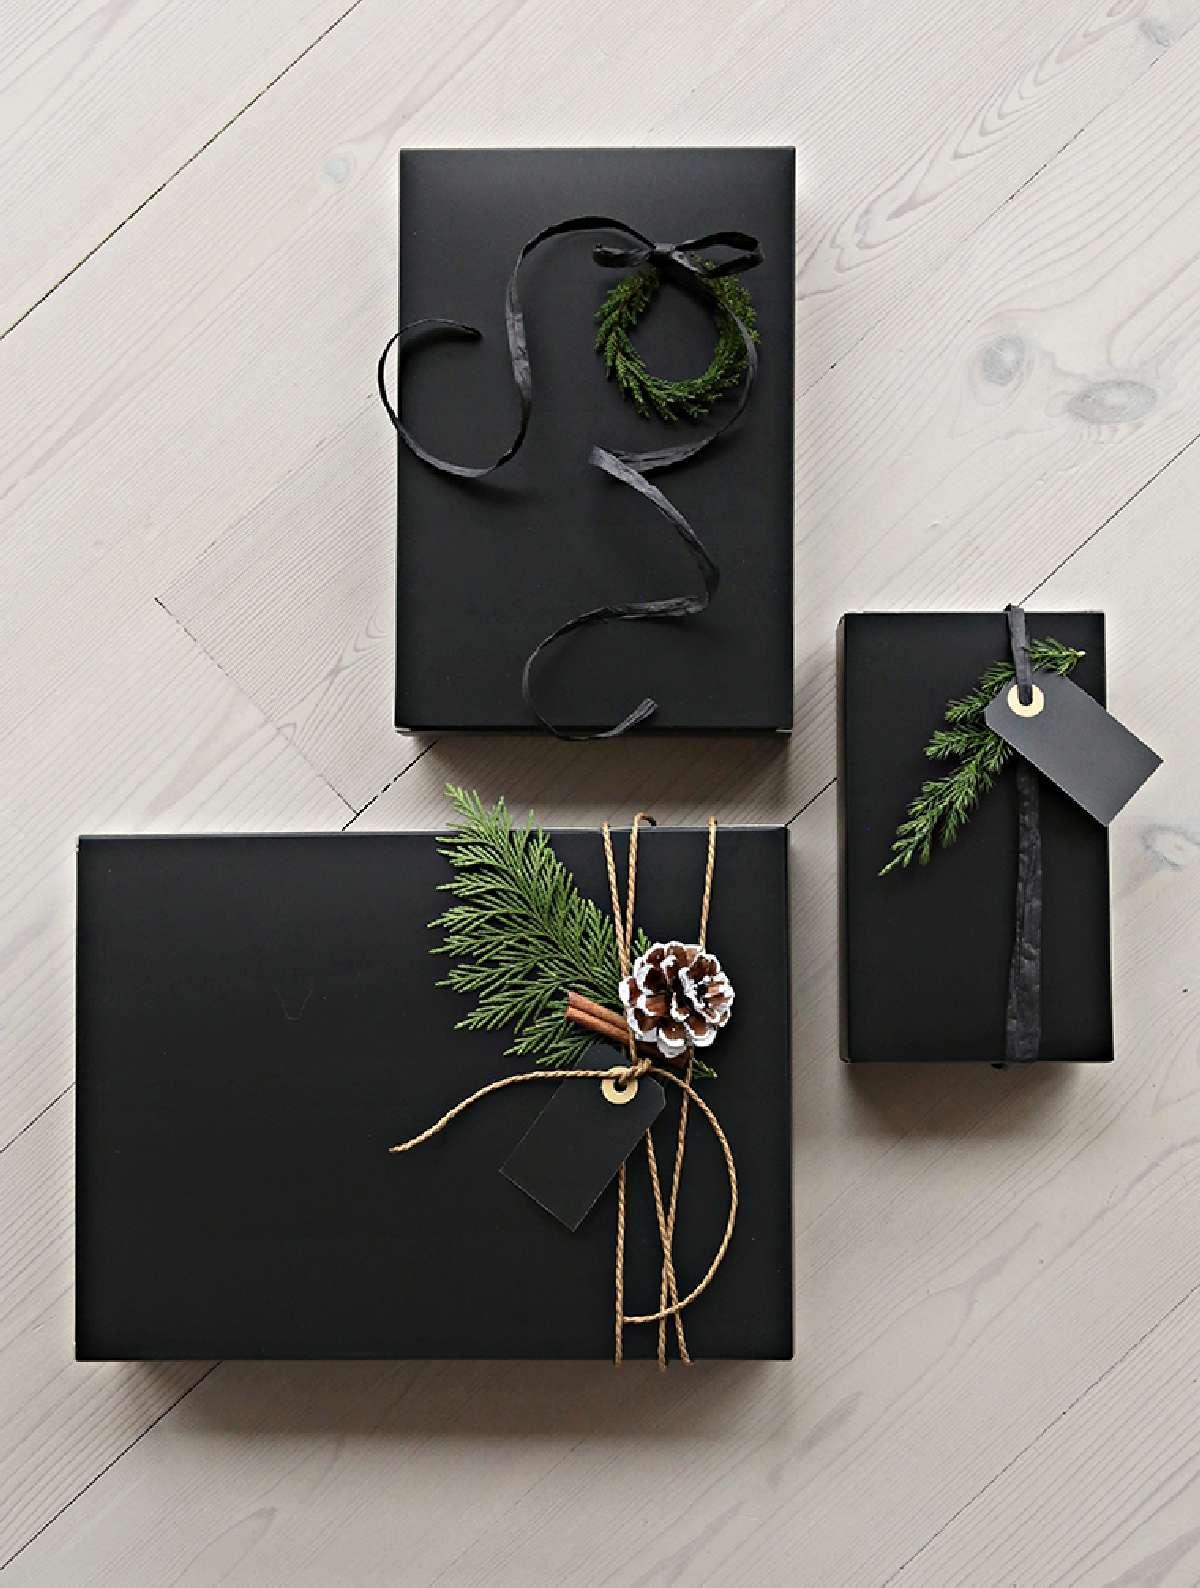 Originales ideas para decorar y envolver los regalos navideños 10